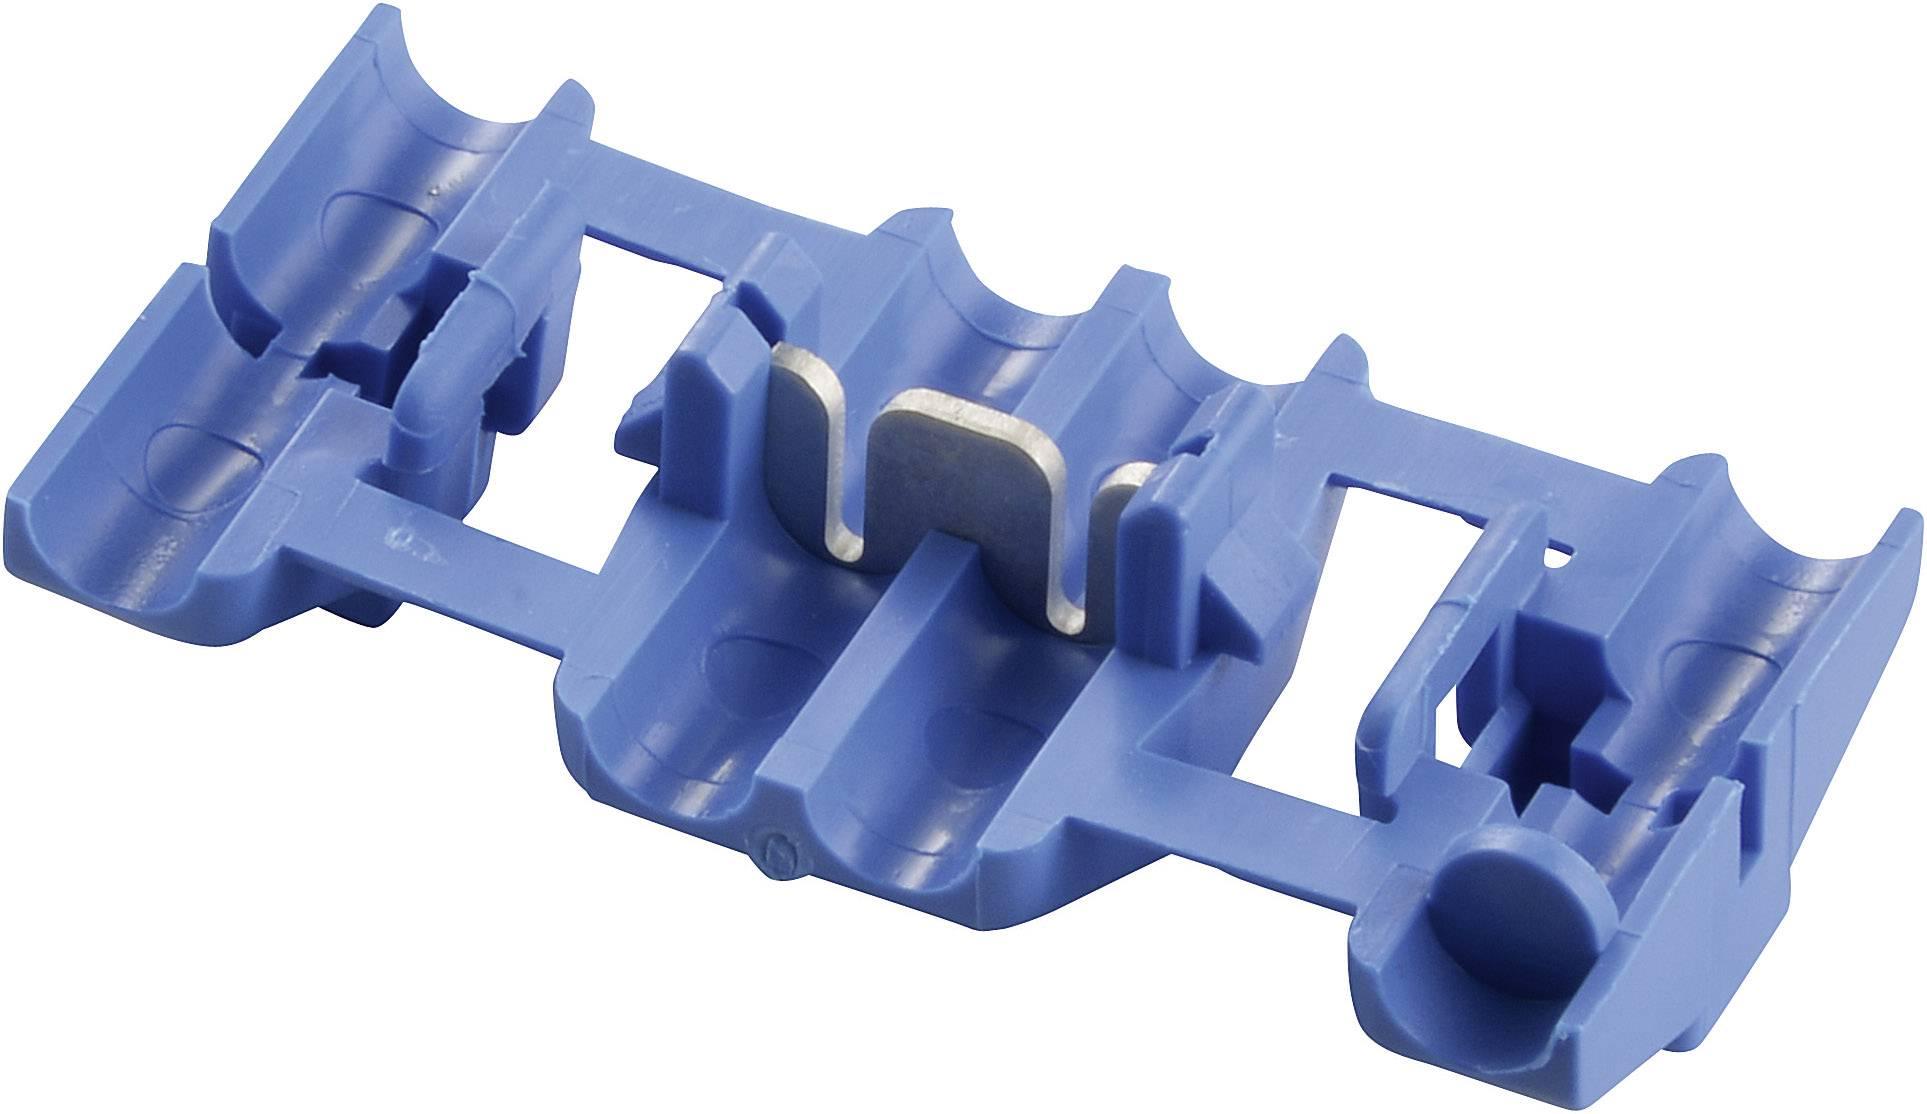 Nízkonapěťový konektor TE Connectivity 735398 na kábel s rozmerom 1-2.5 mm², tuhosť 1-2.5 mm², počet pinov 2, 1 ks, modrá